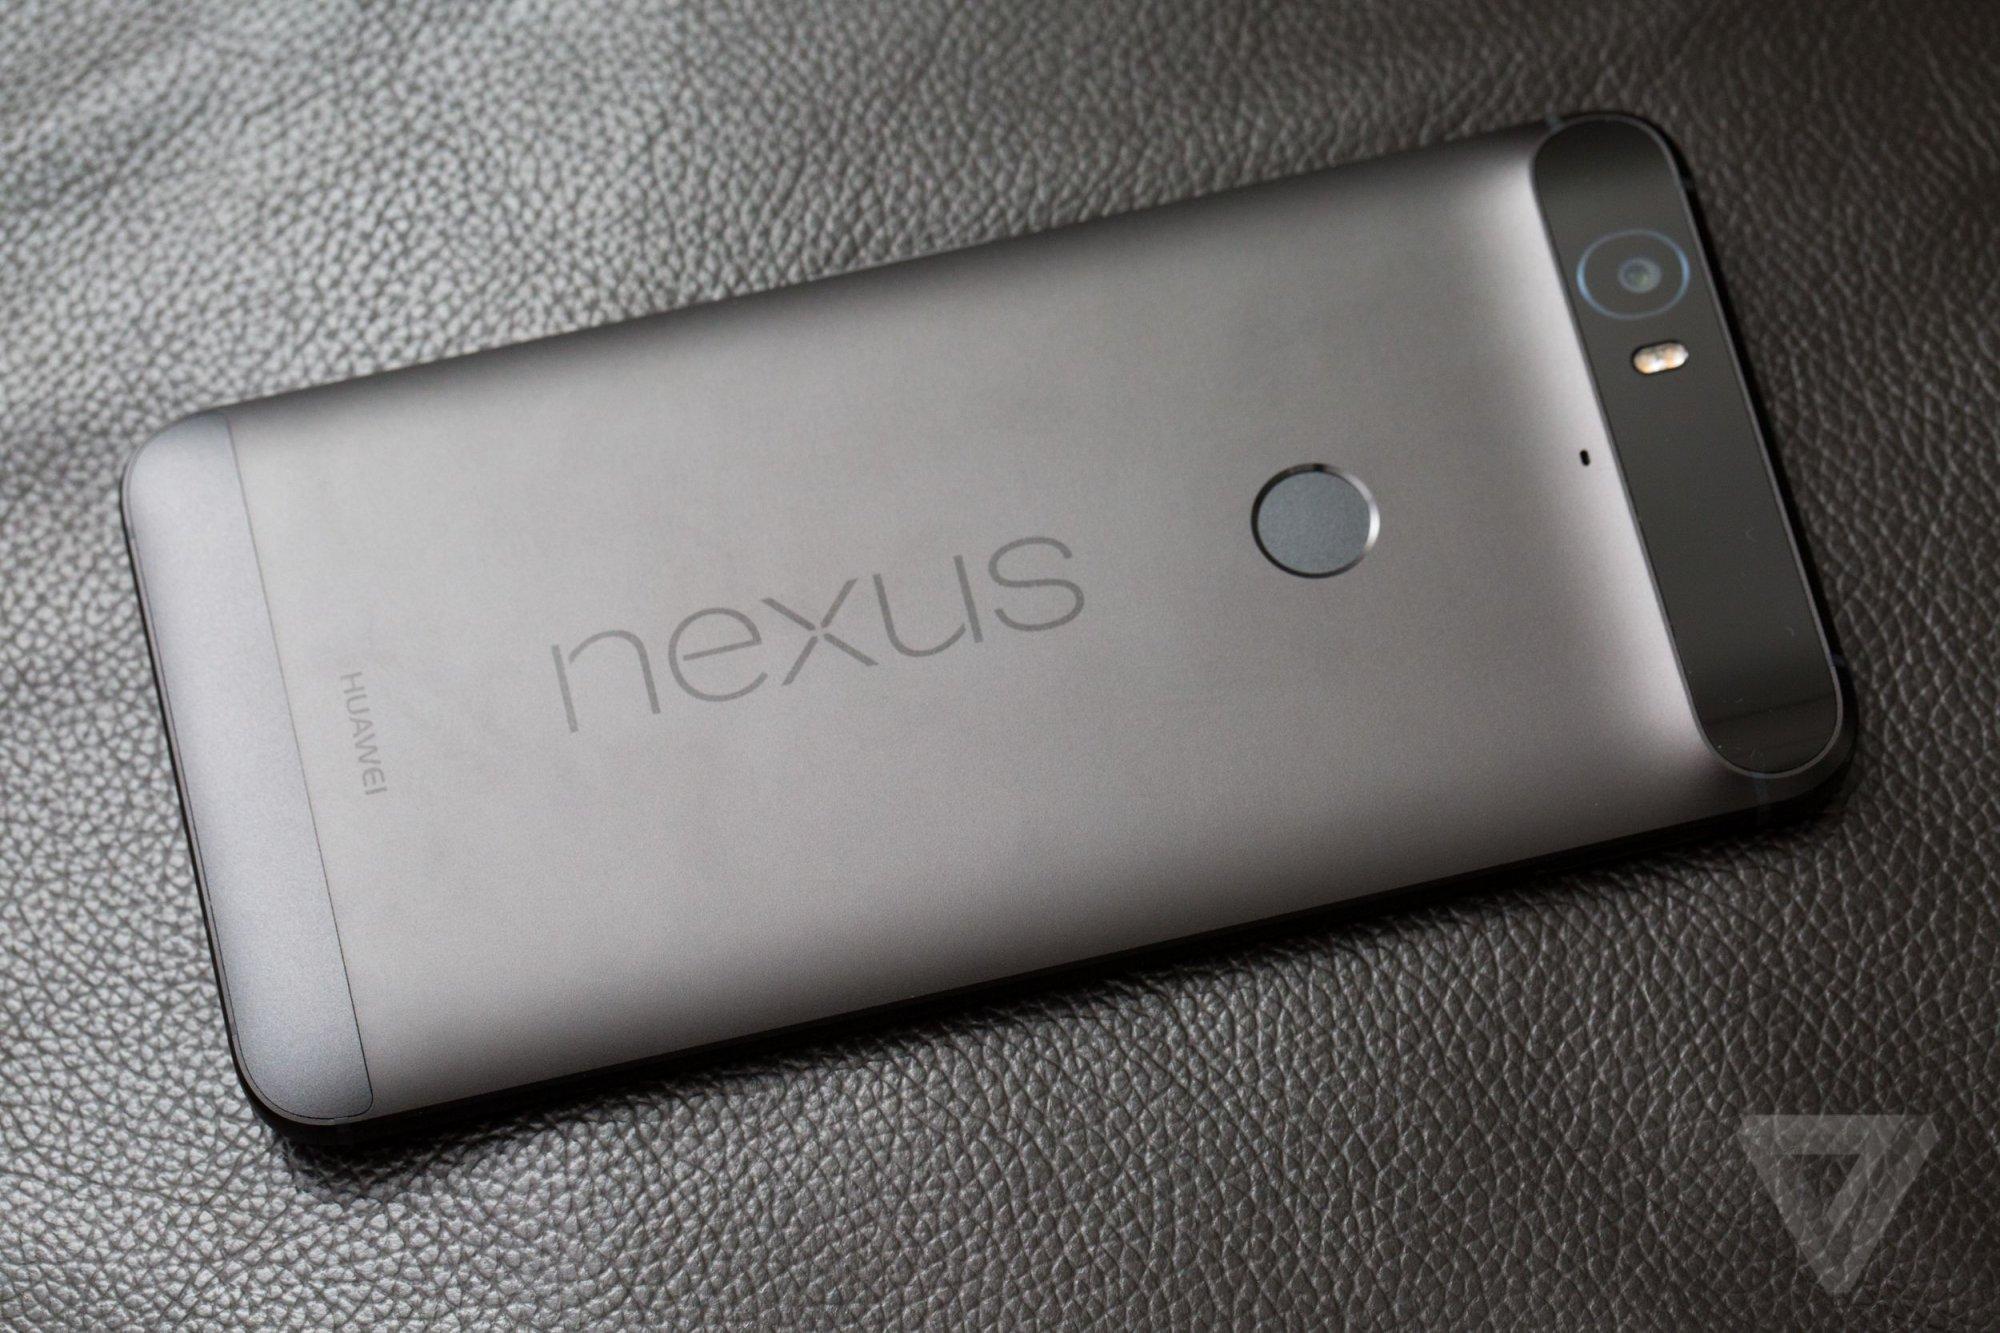 nexus-6p-9693.0.jpg